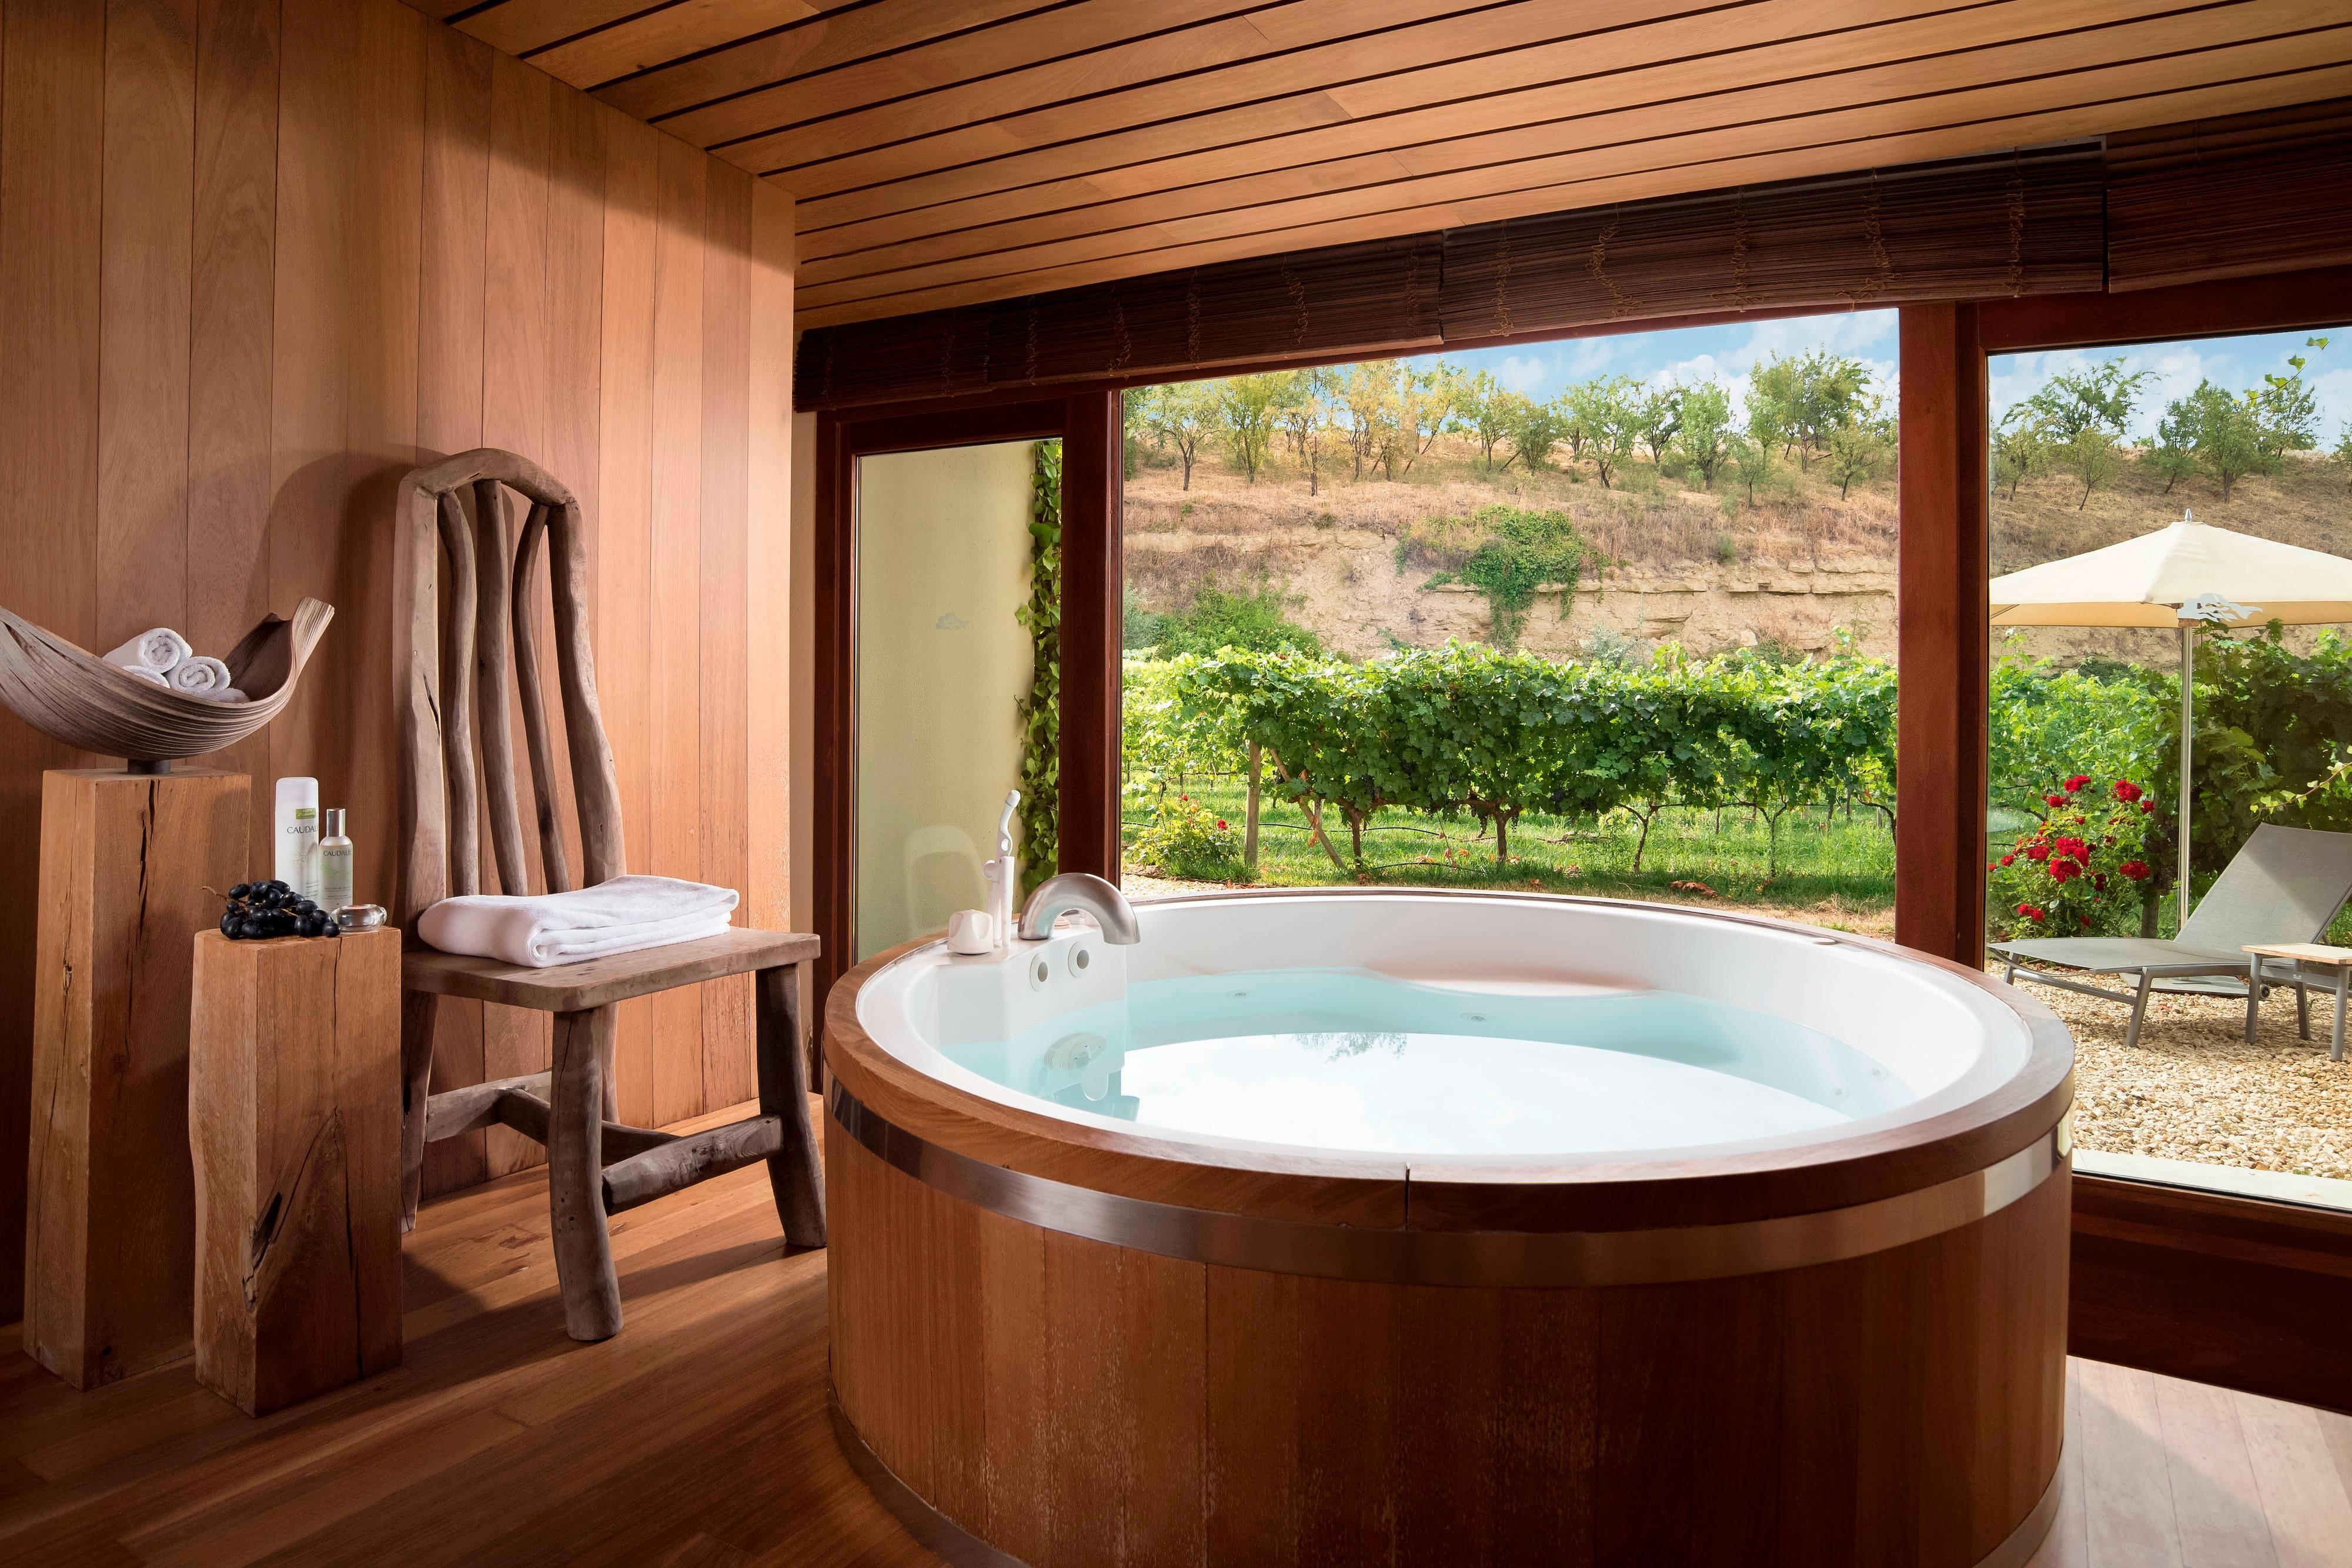 Spa - Barrel Bath